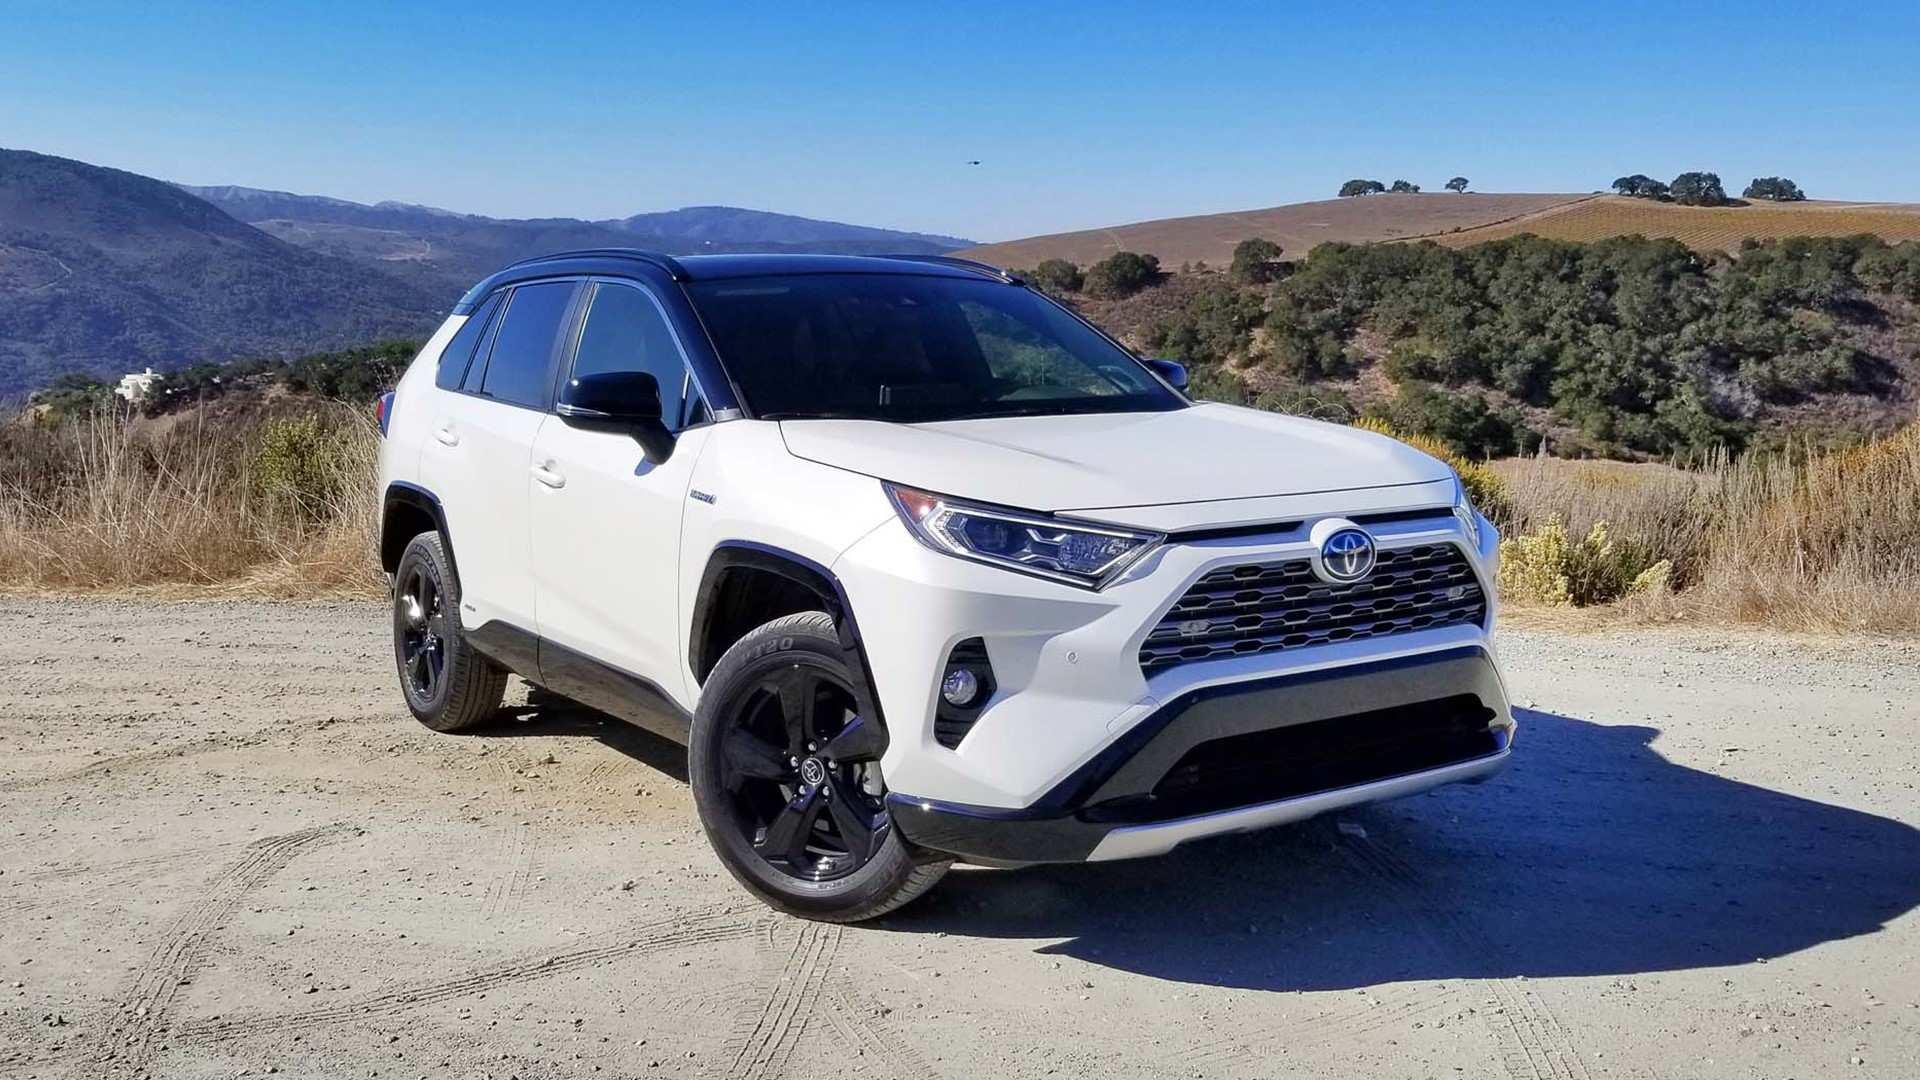 71 New 2019 Toyota Rav4 Overview for 2019 Toyota Rav4